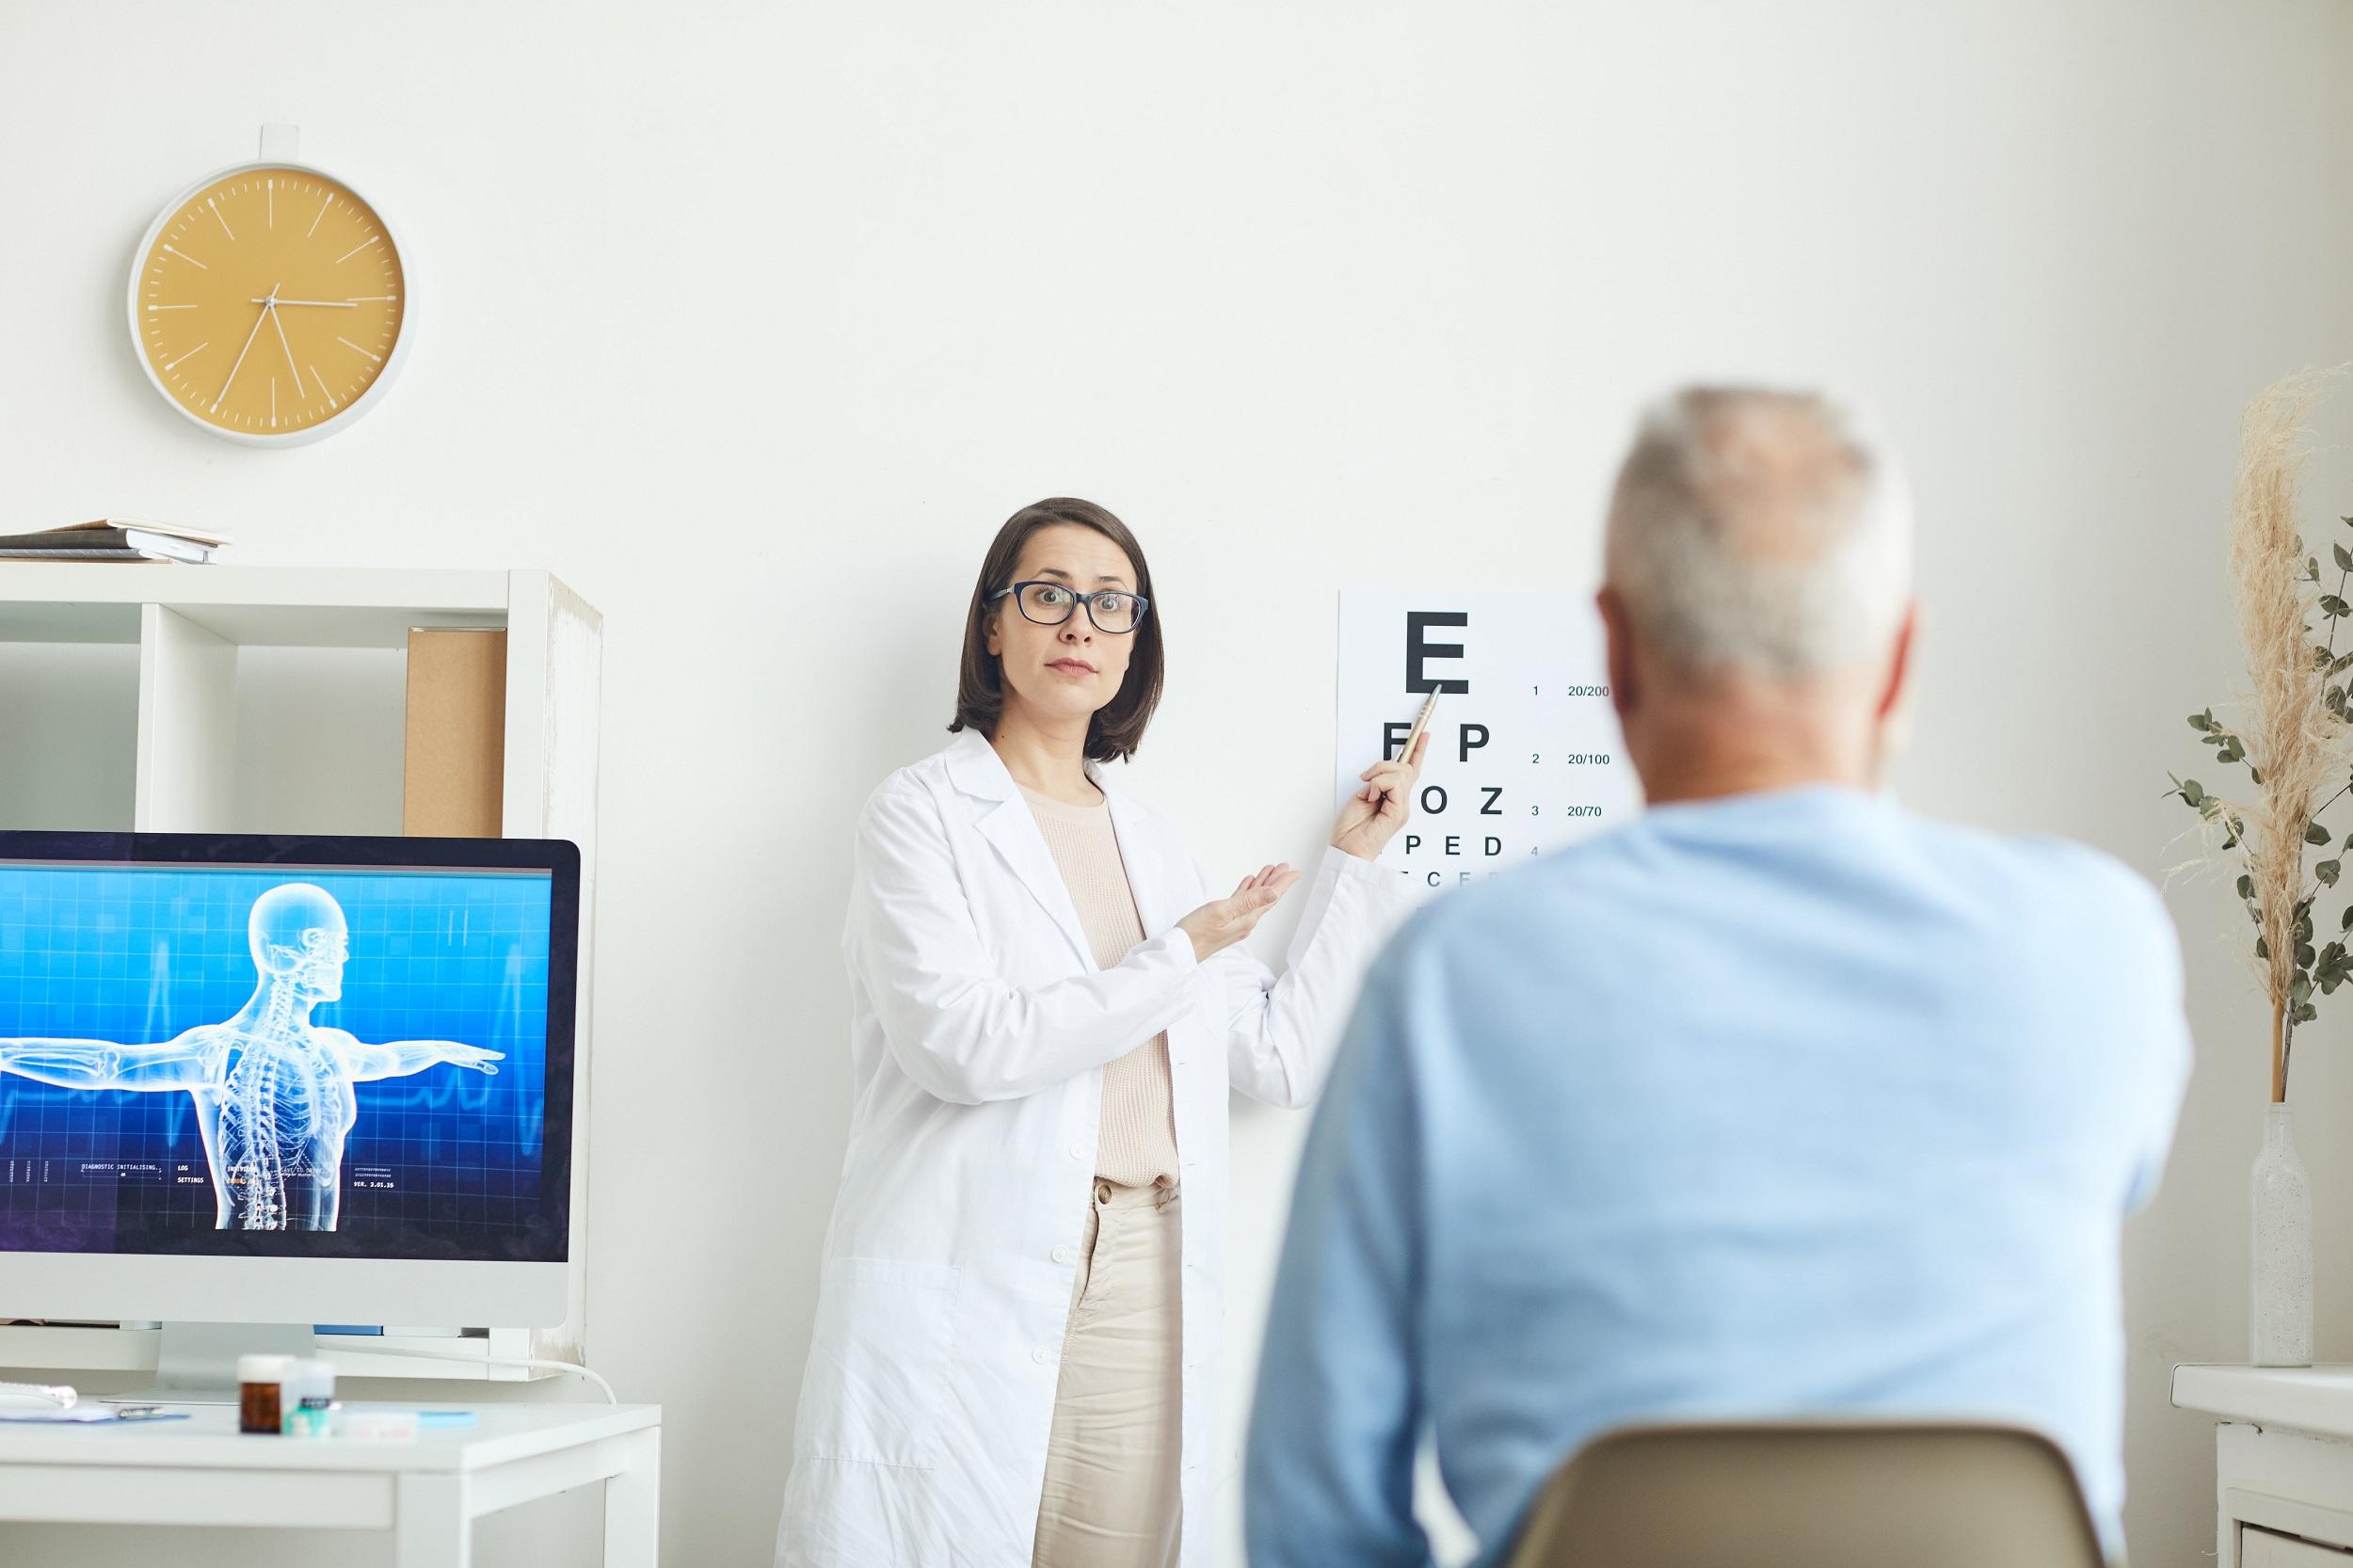 eye test in clinic ZWRVXEX min